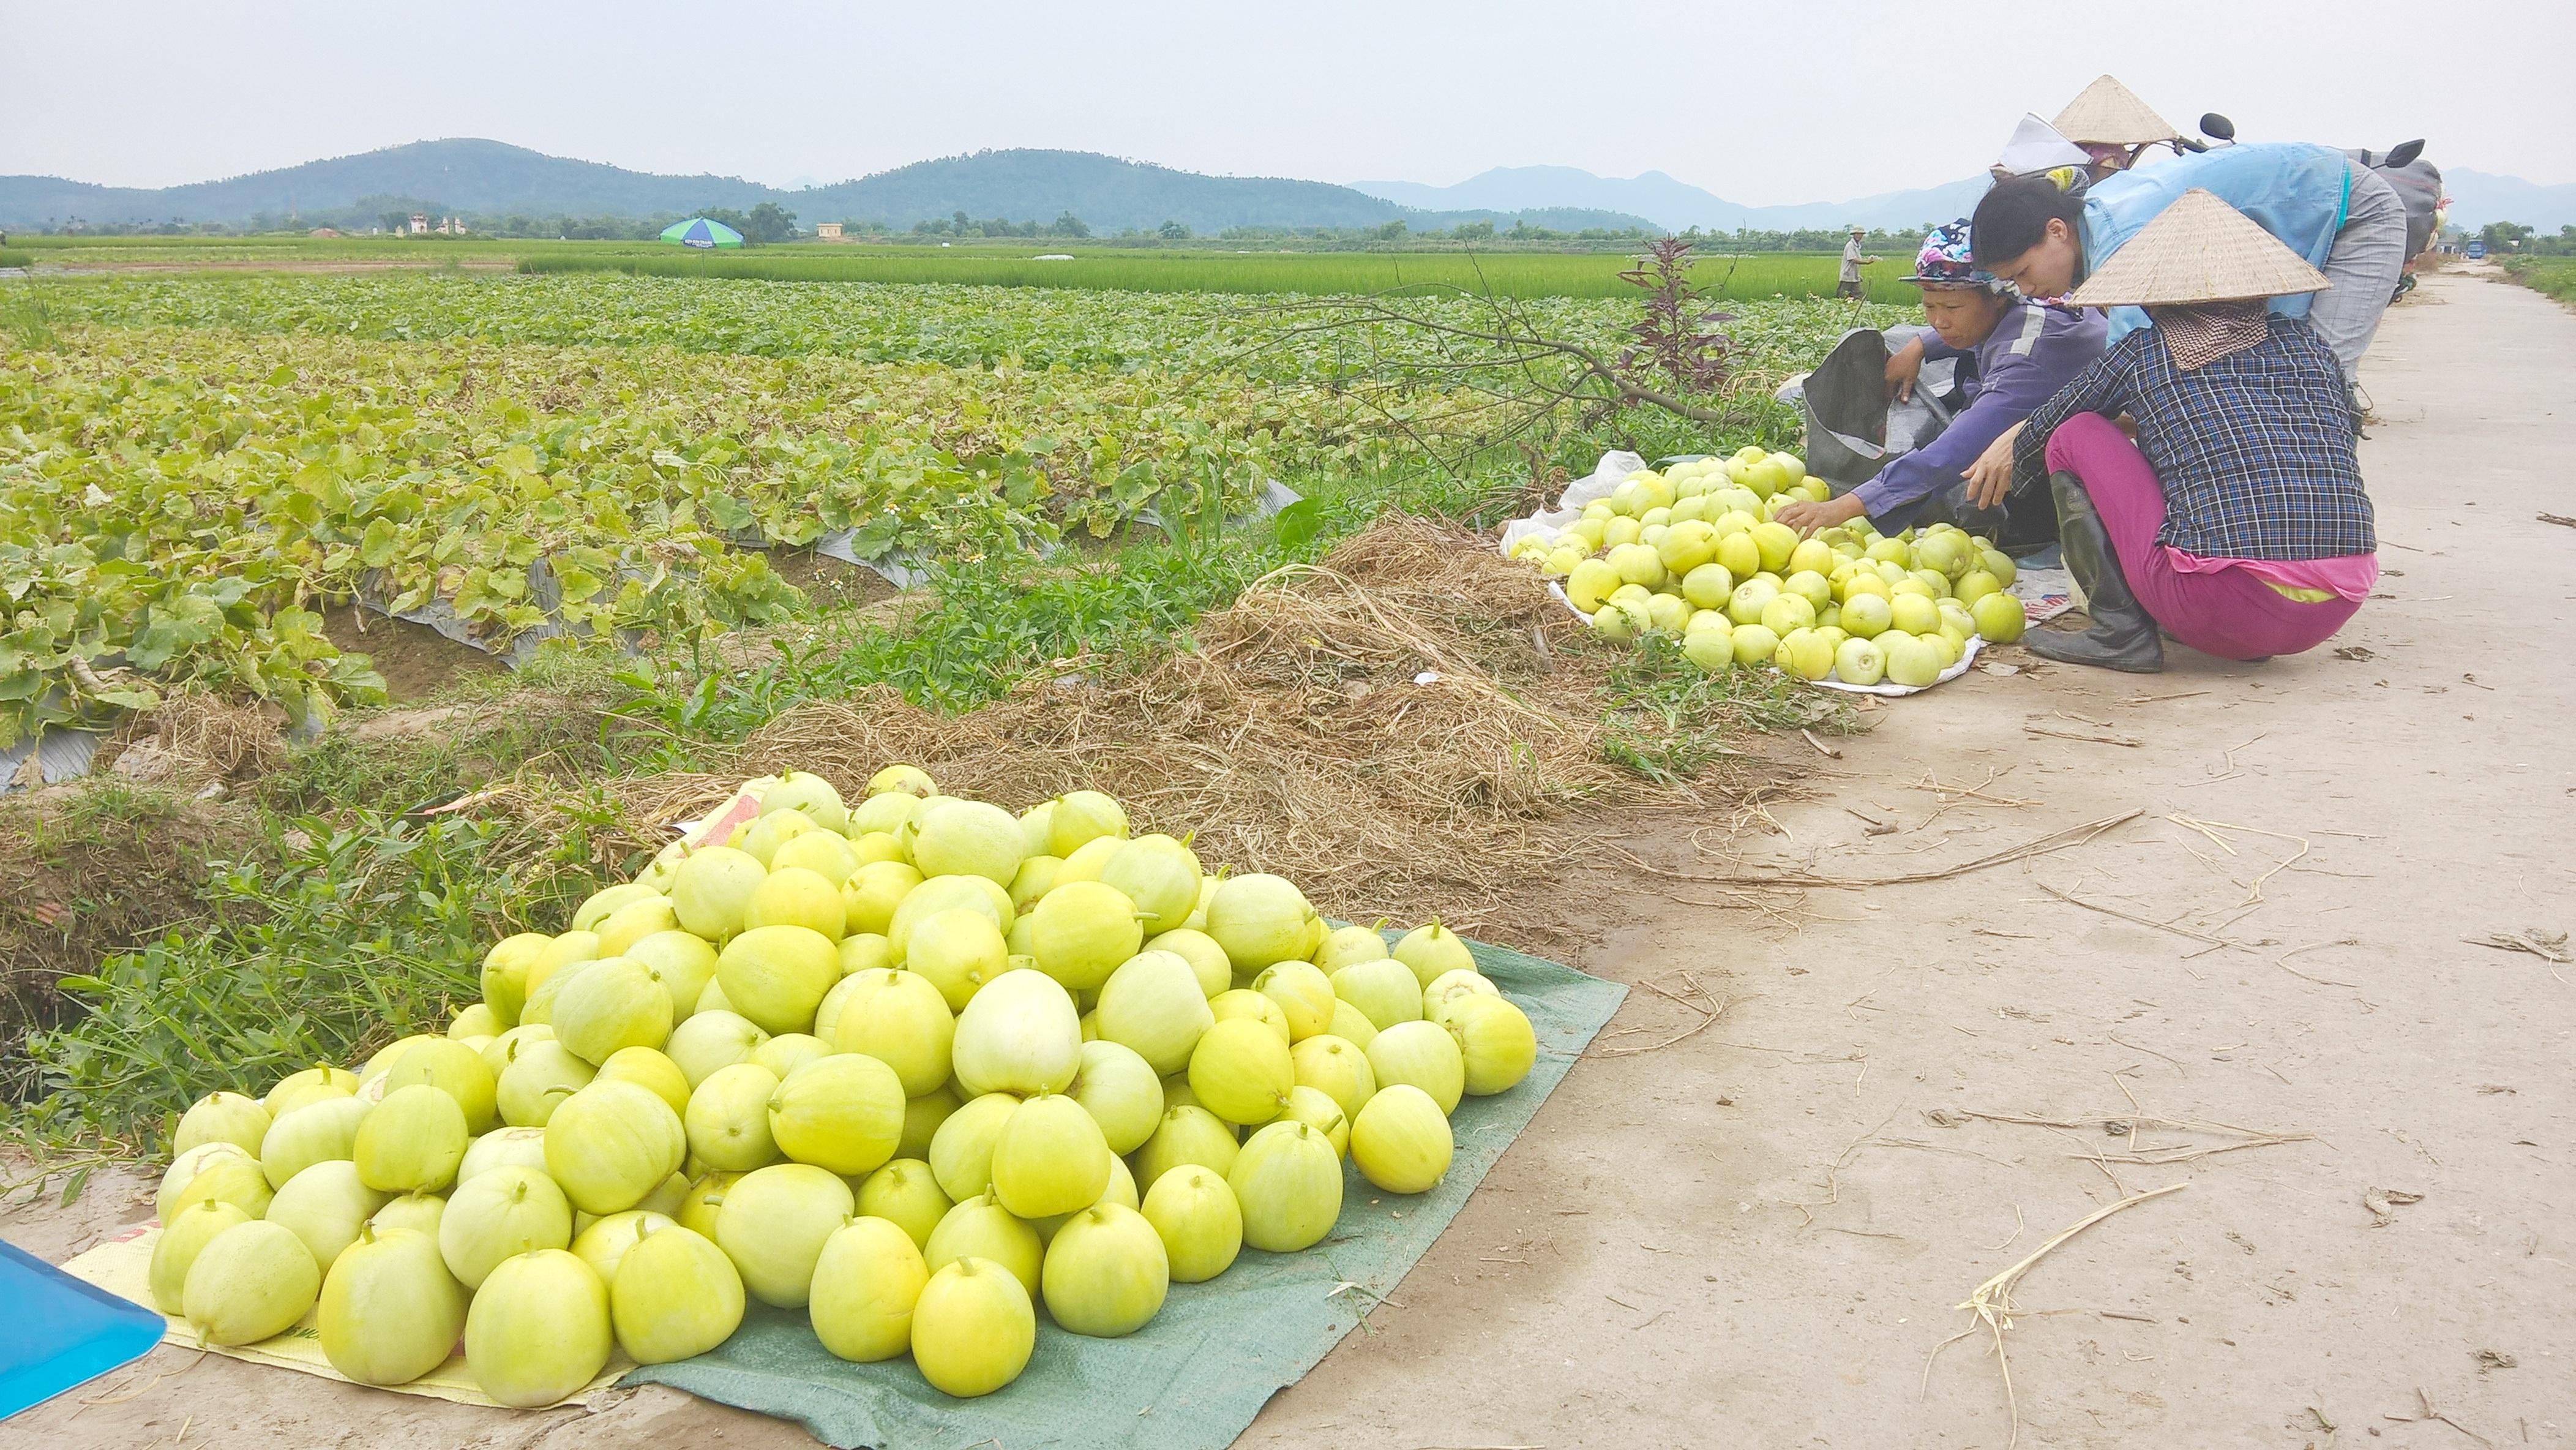 Ngoài dưa hấu, dưa lê, dưa bở cũng được trồng đan xen vào những luống dưa hấu. Giá loại dưa này rẻ song đây là những loại hoa quả sạch đang được nhiều người đón nhận, đặc biệt thị trường trong nước.